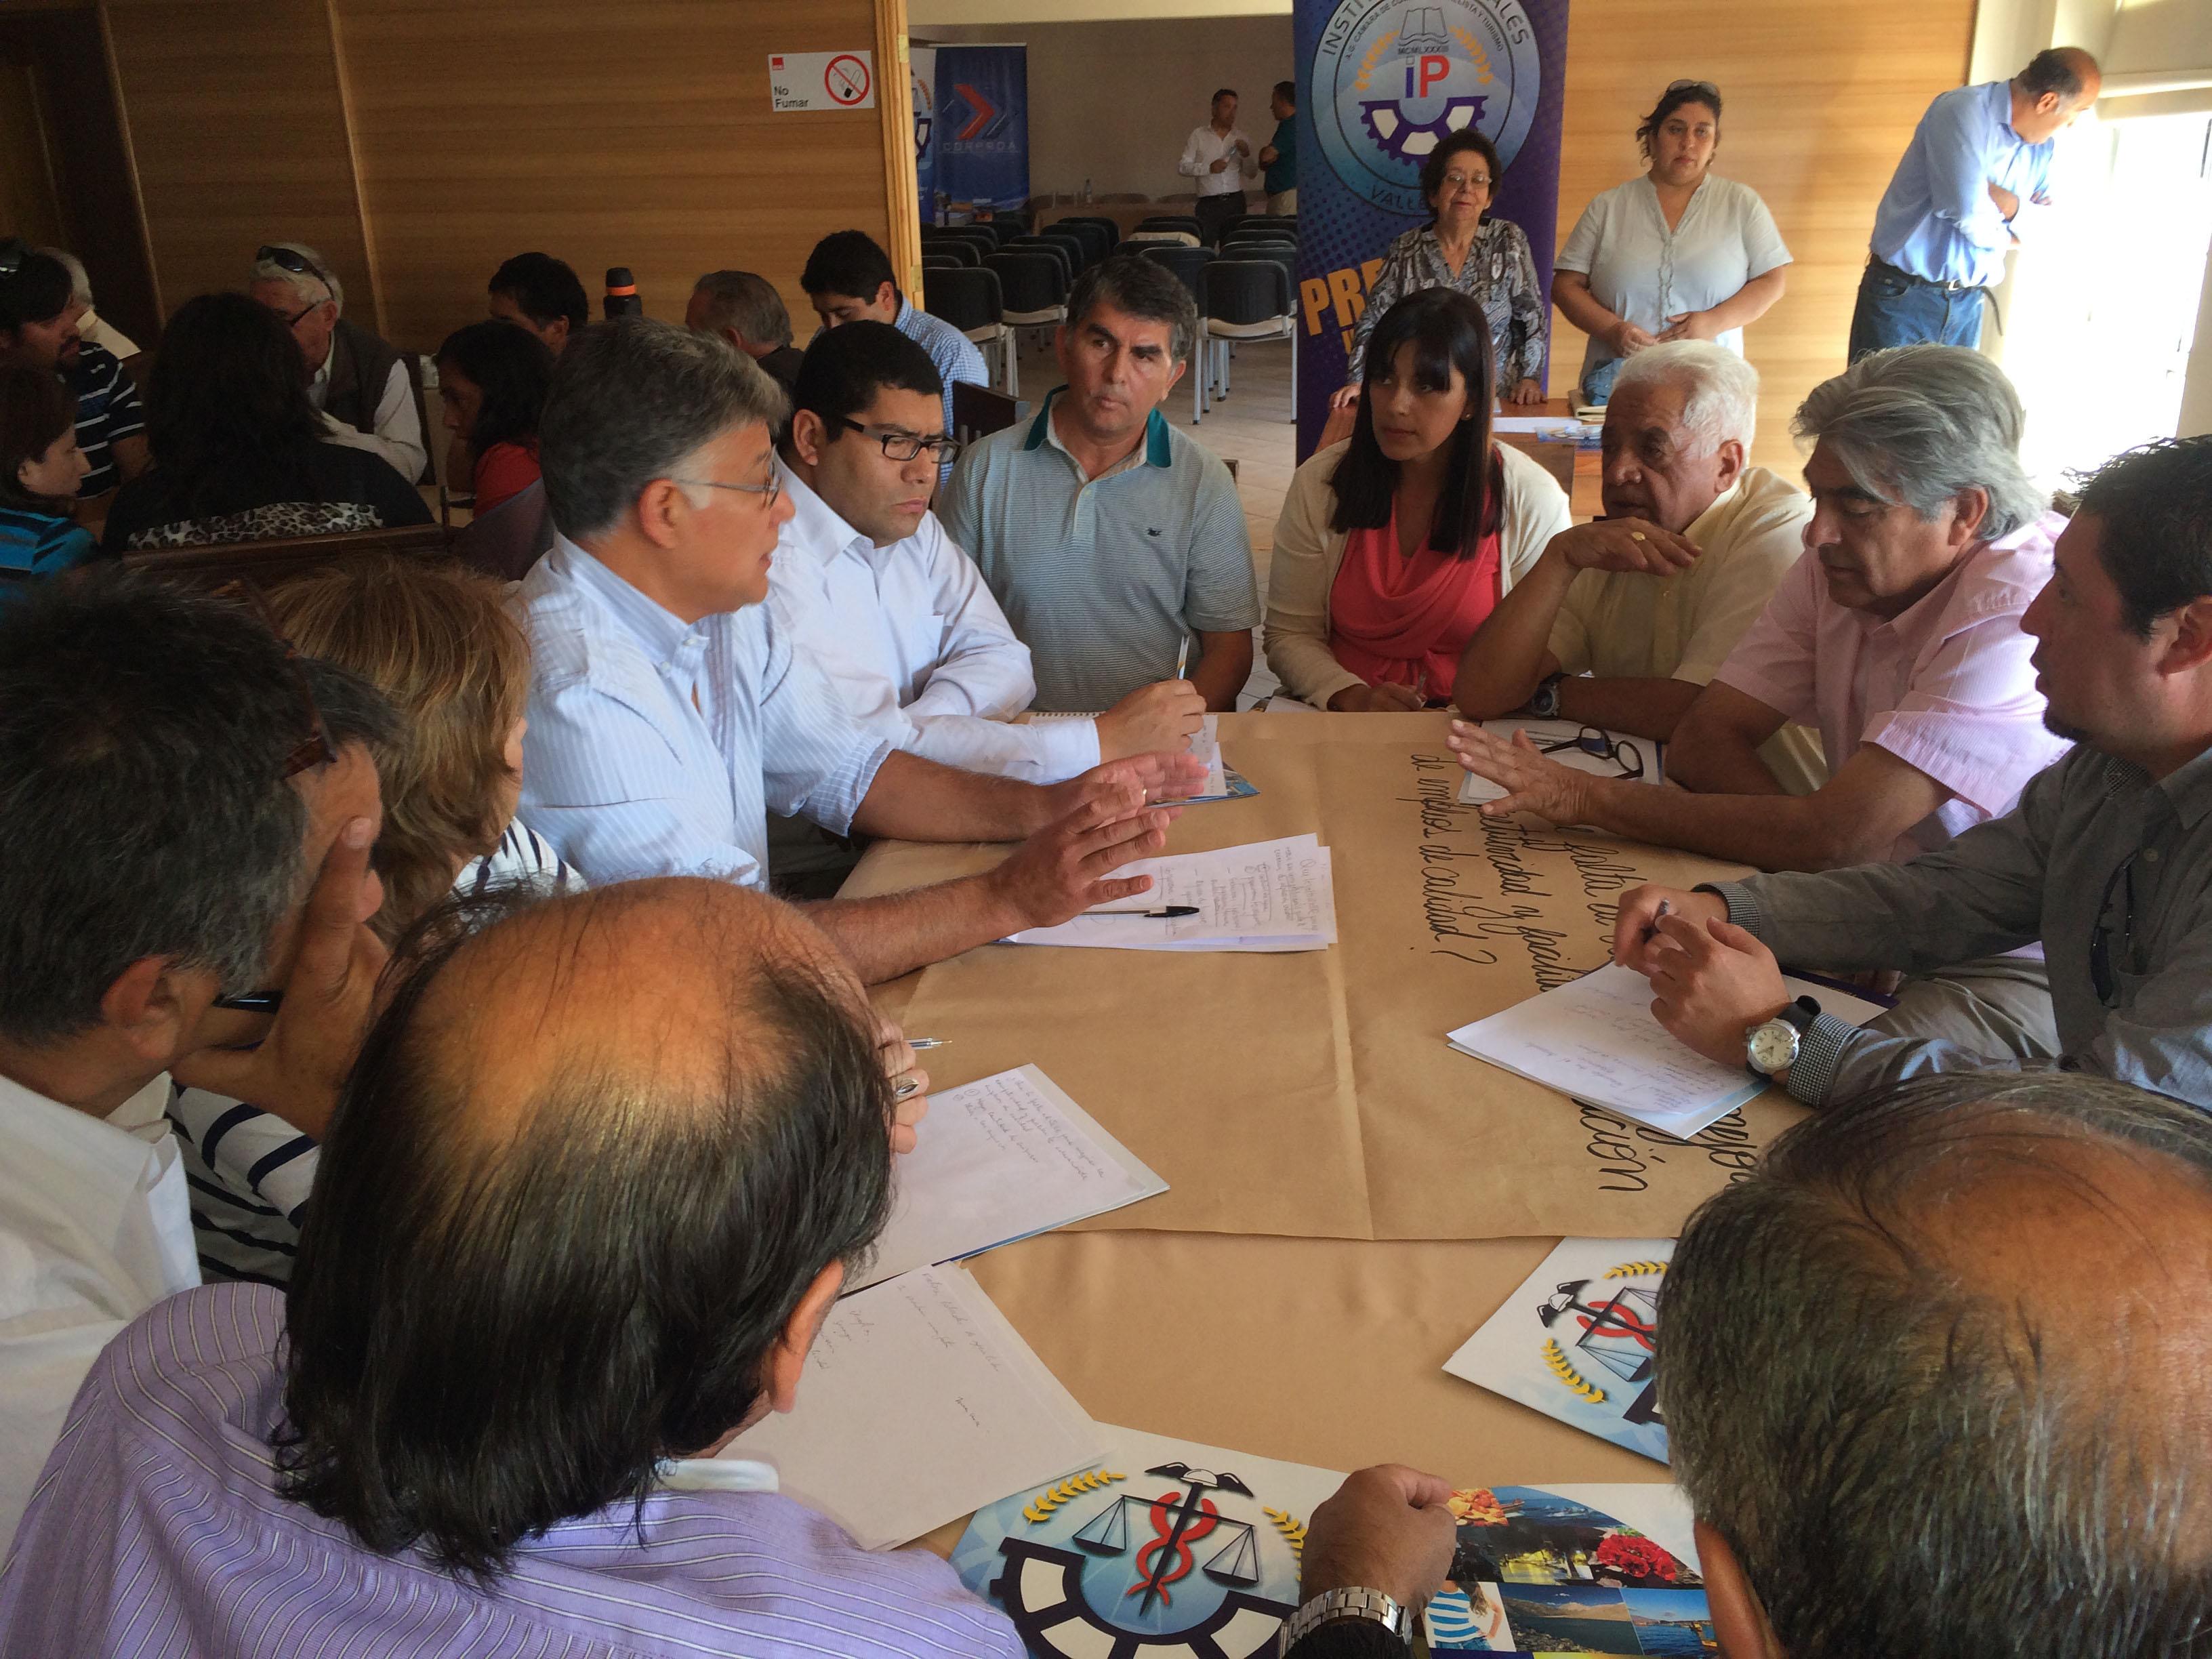 La comunidad del Huasco se reunió para dialogar sobre los problemas que enfrentan en materia de empleo